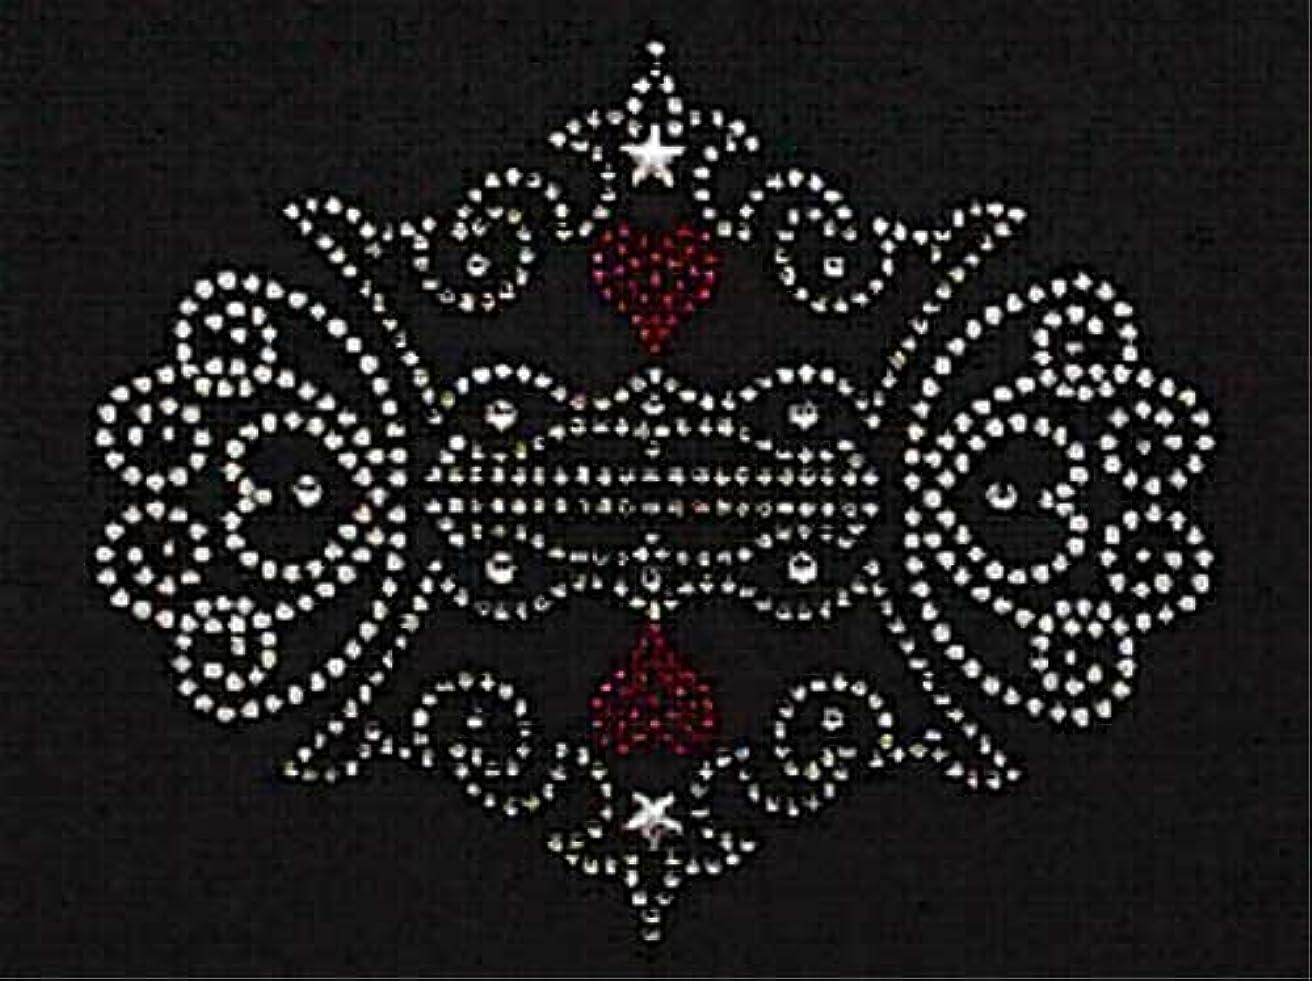 発送入場国内のスパングル&ラインストーン モチーフシート (王冠、組み合わせ) 約145×119mm [アイロン接着]